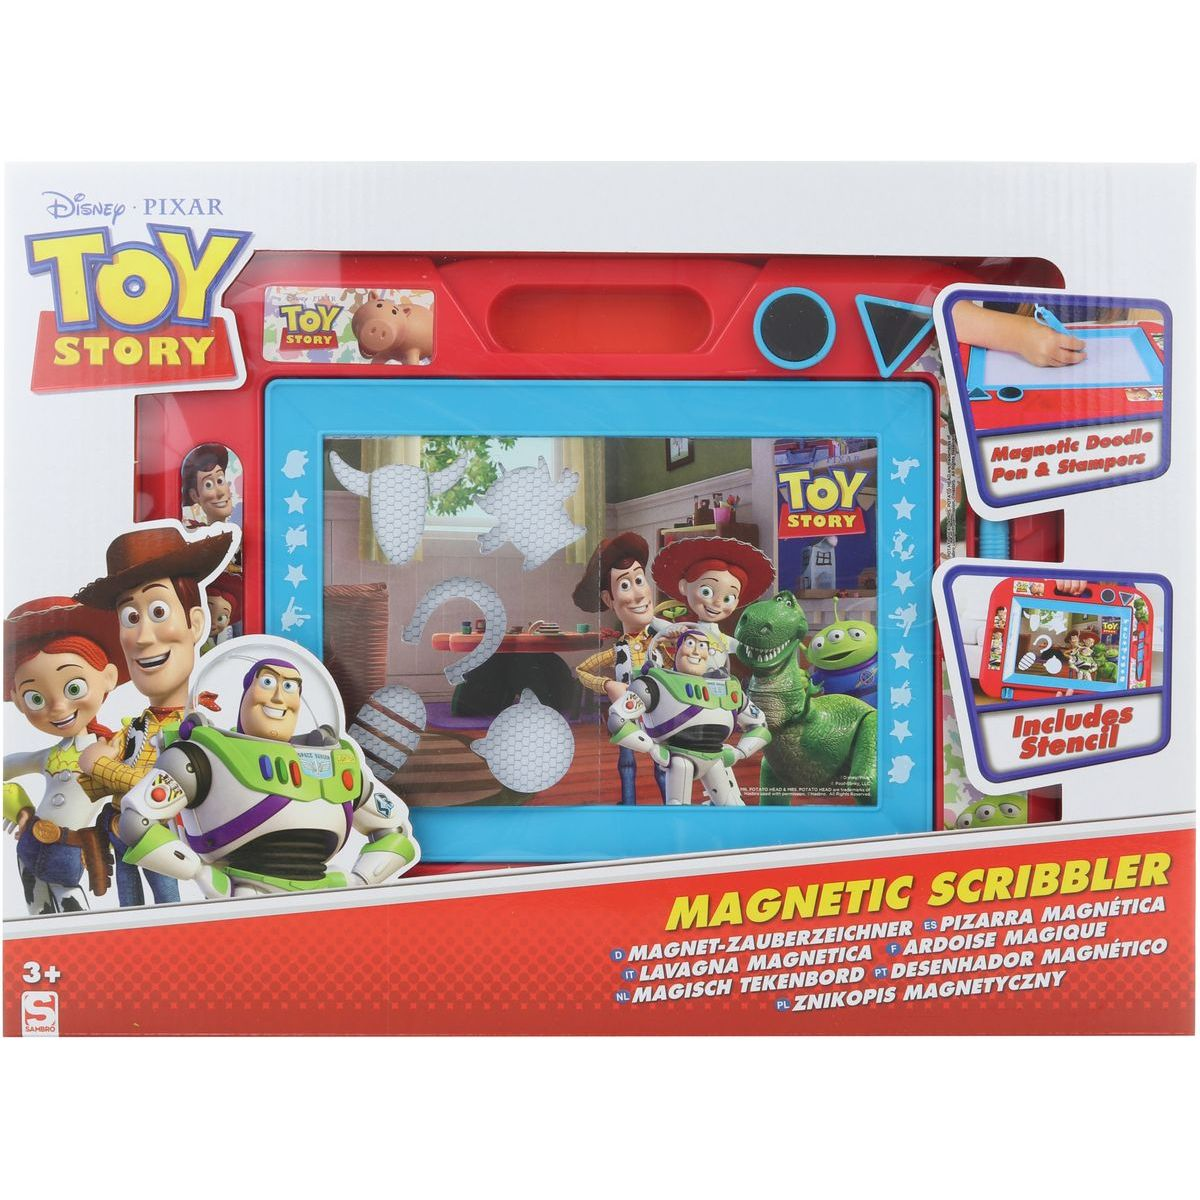 Toy Story magnetická tabulka